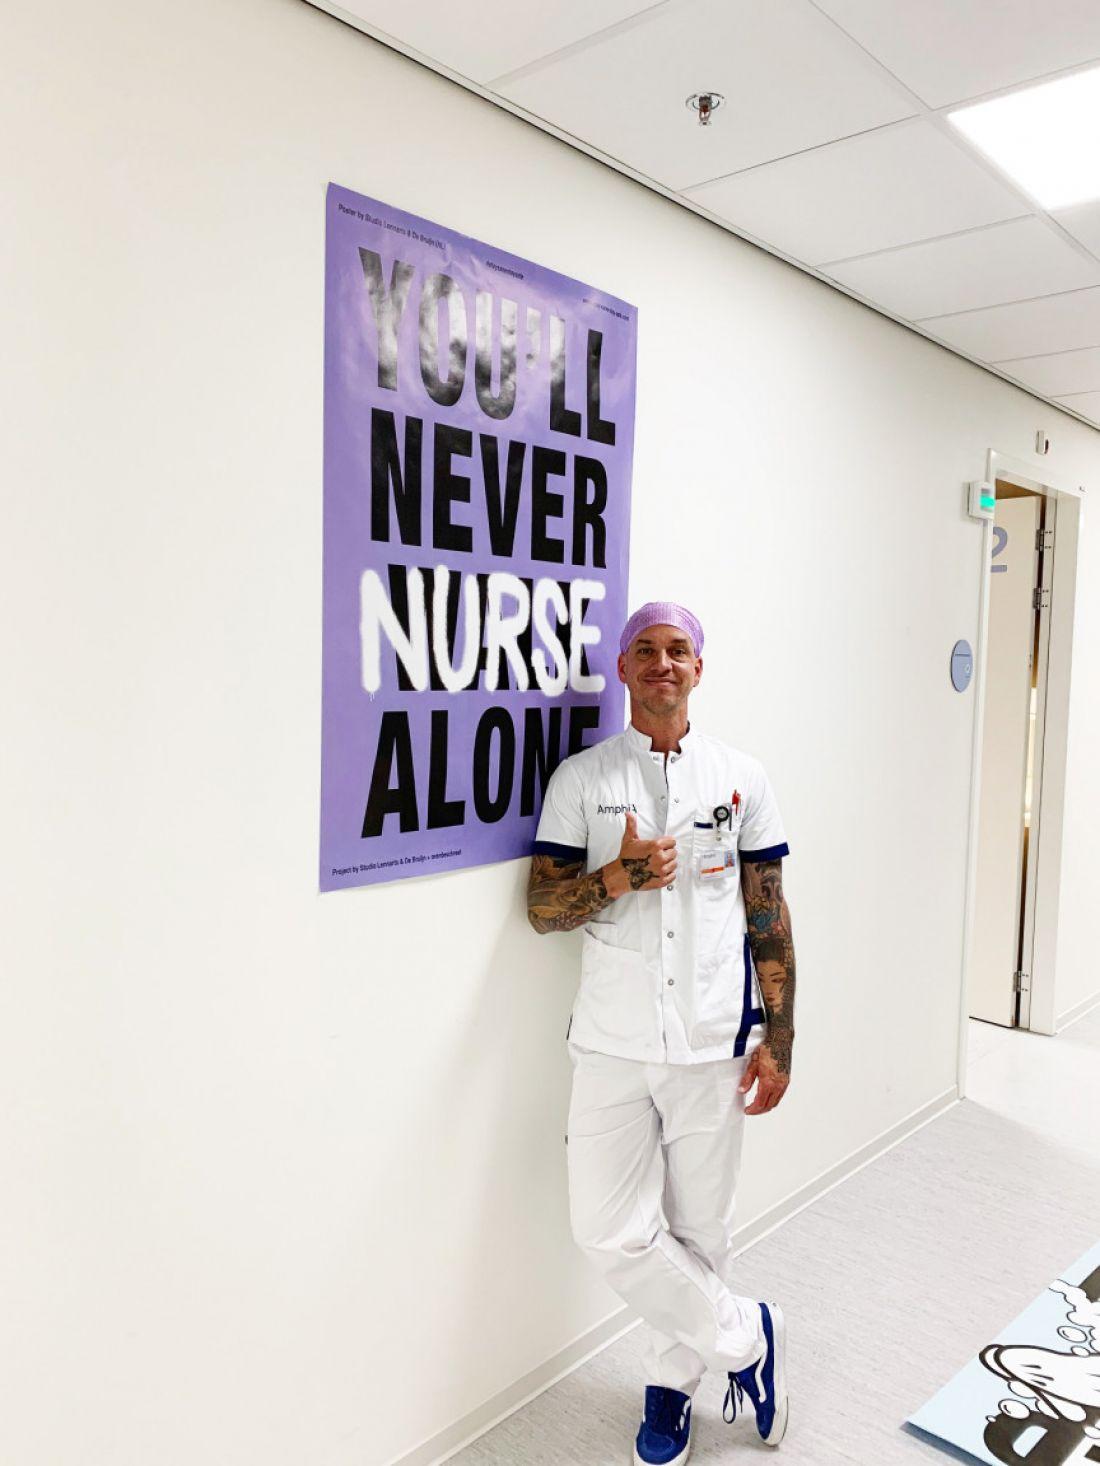 SSSS poster by Studio Lennarts en de Bruijn (NL) in Amphia hospital Breda with nurse Ruben van Schaik